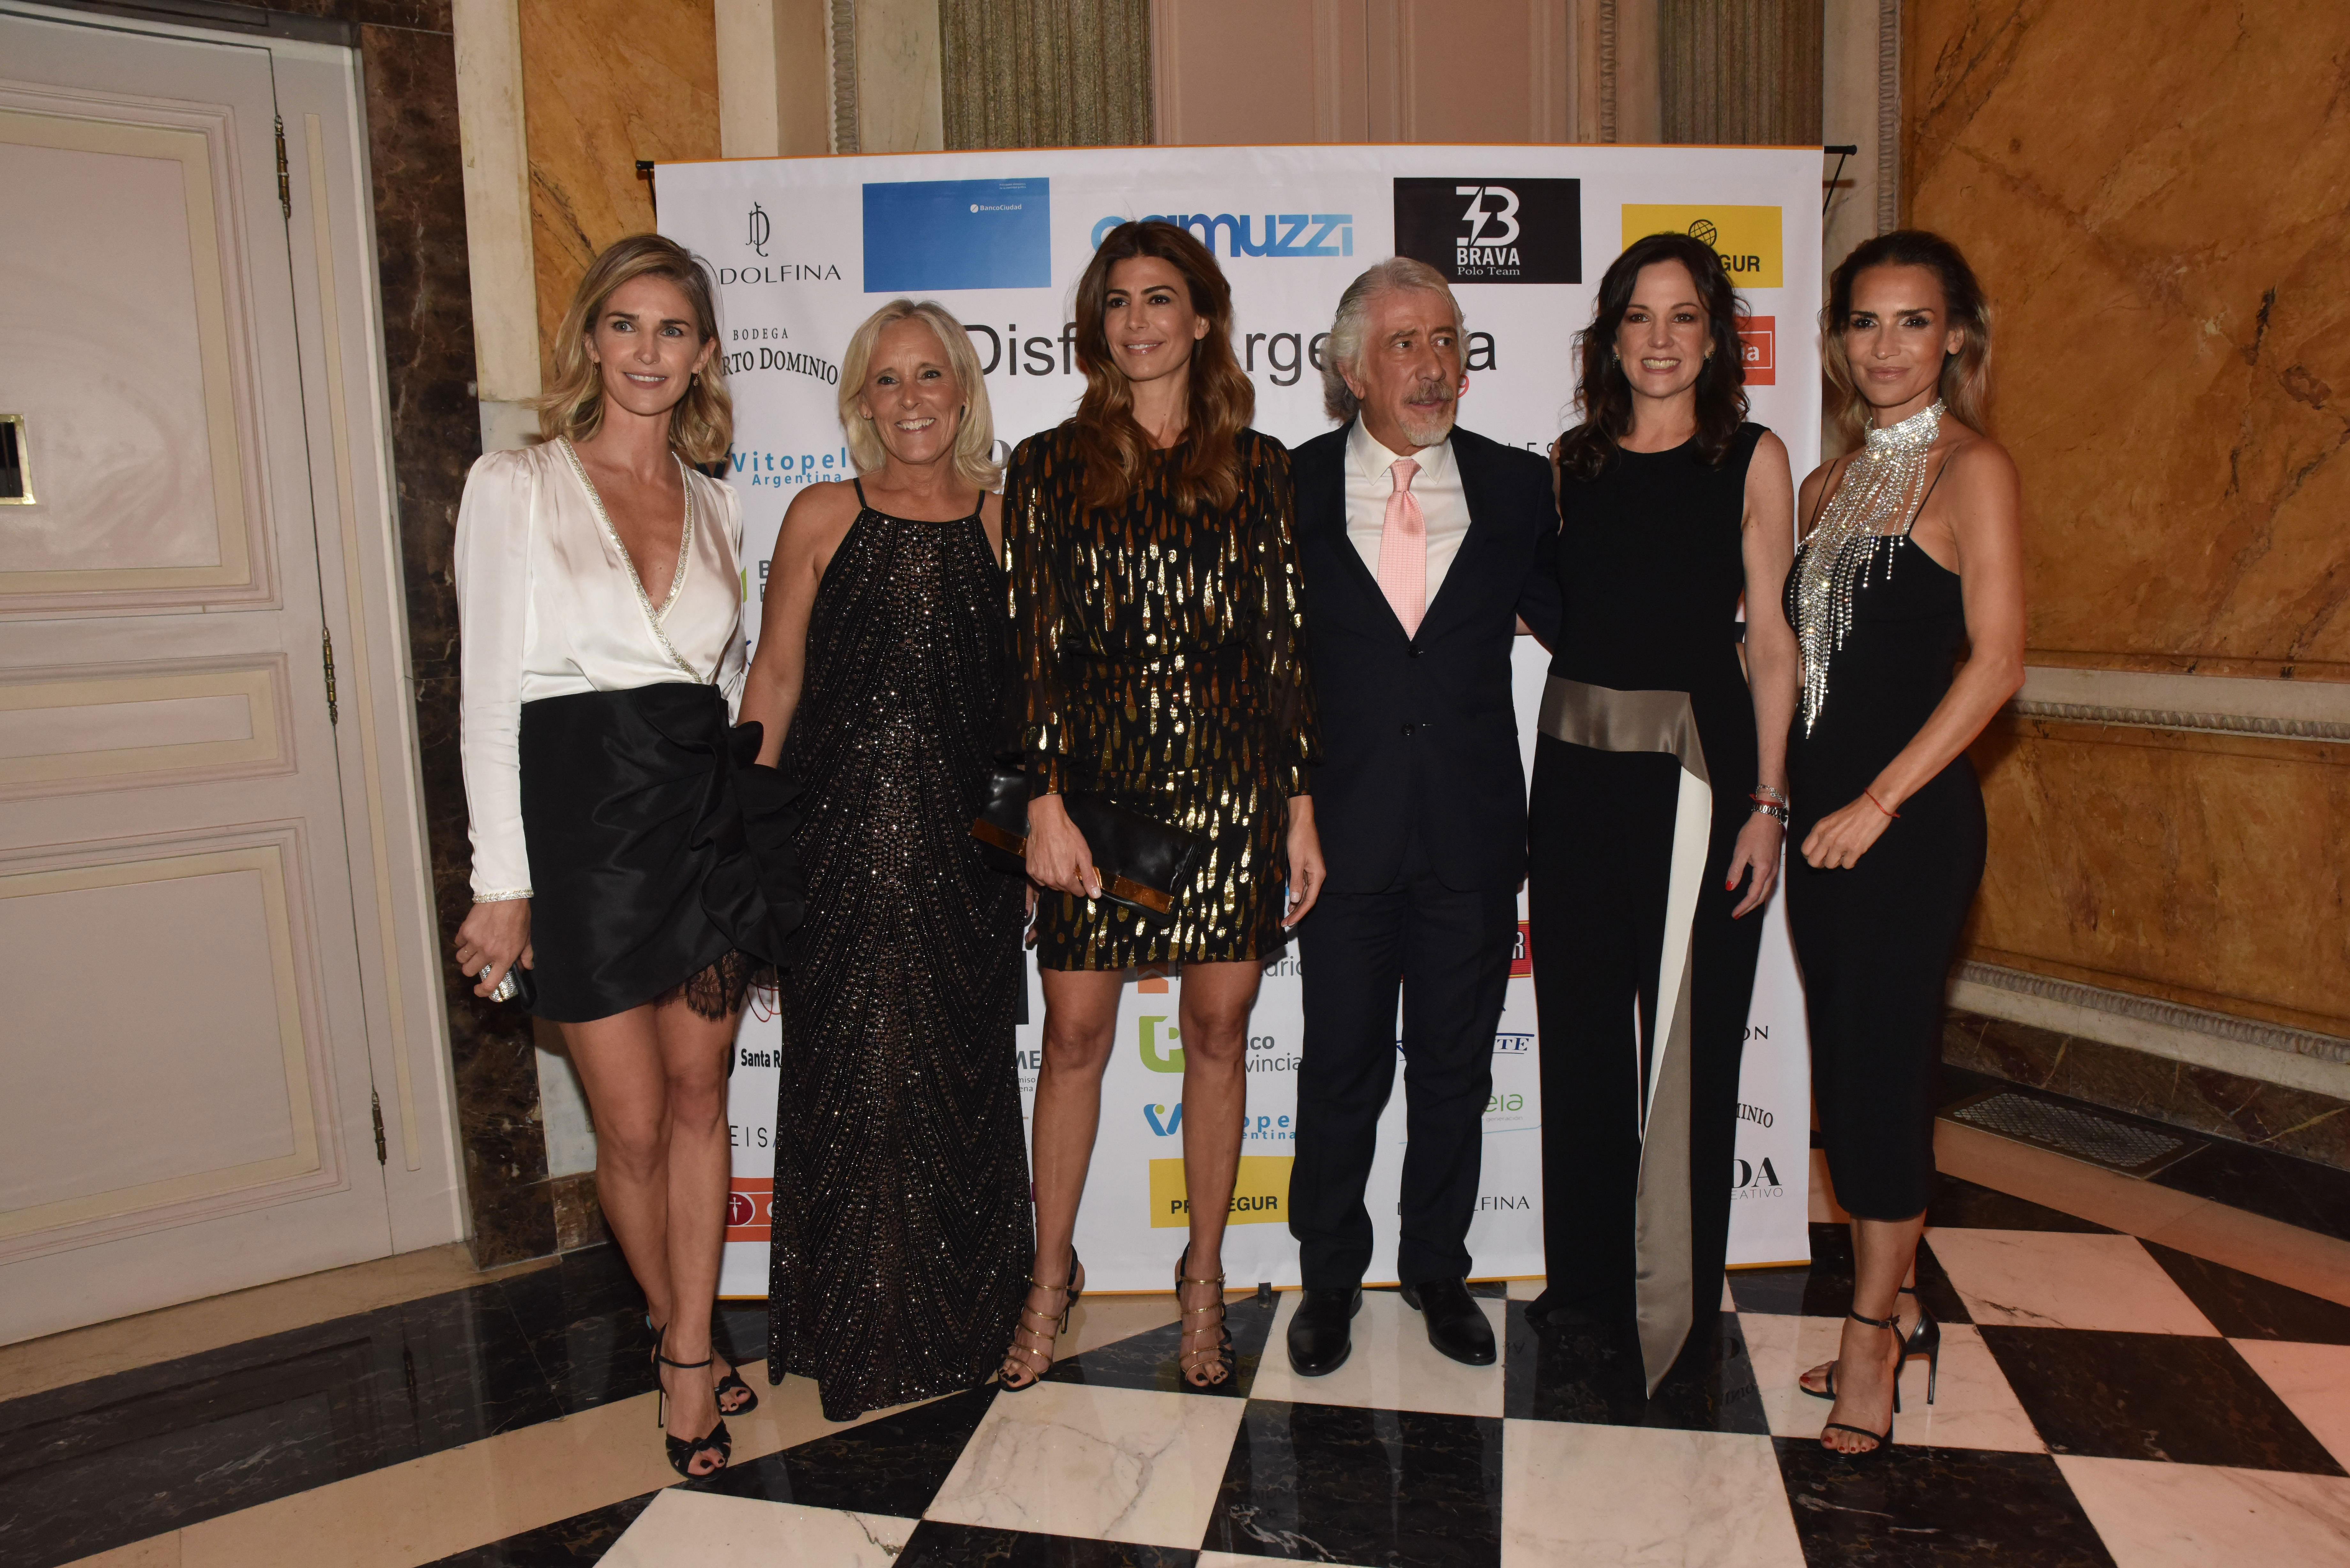 Los anfitriones junto a Julieta Spina, Juliana Awada, Carolina Stanley y María Vázquez